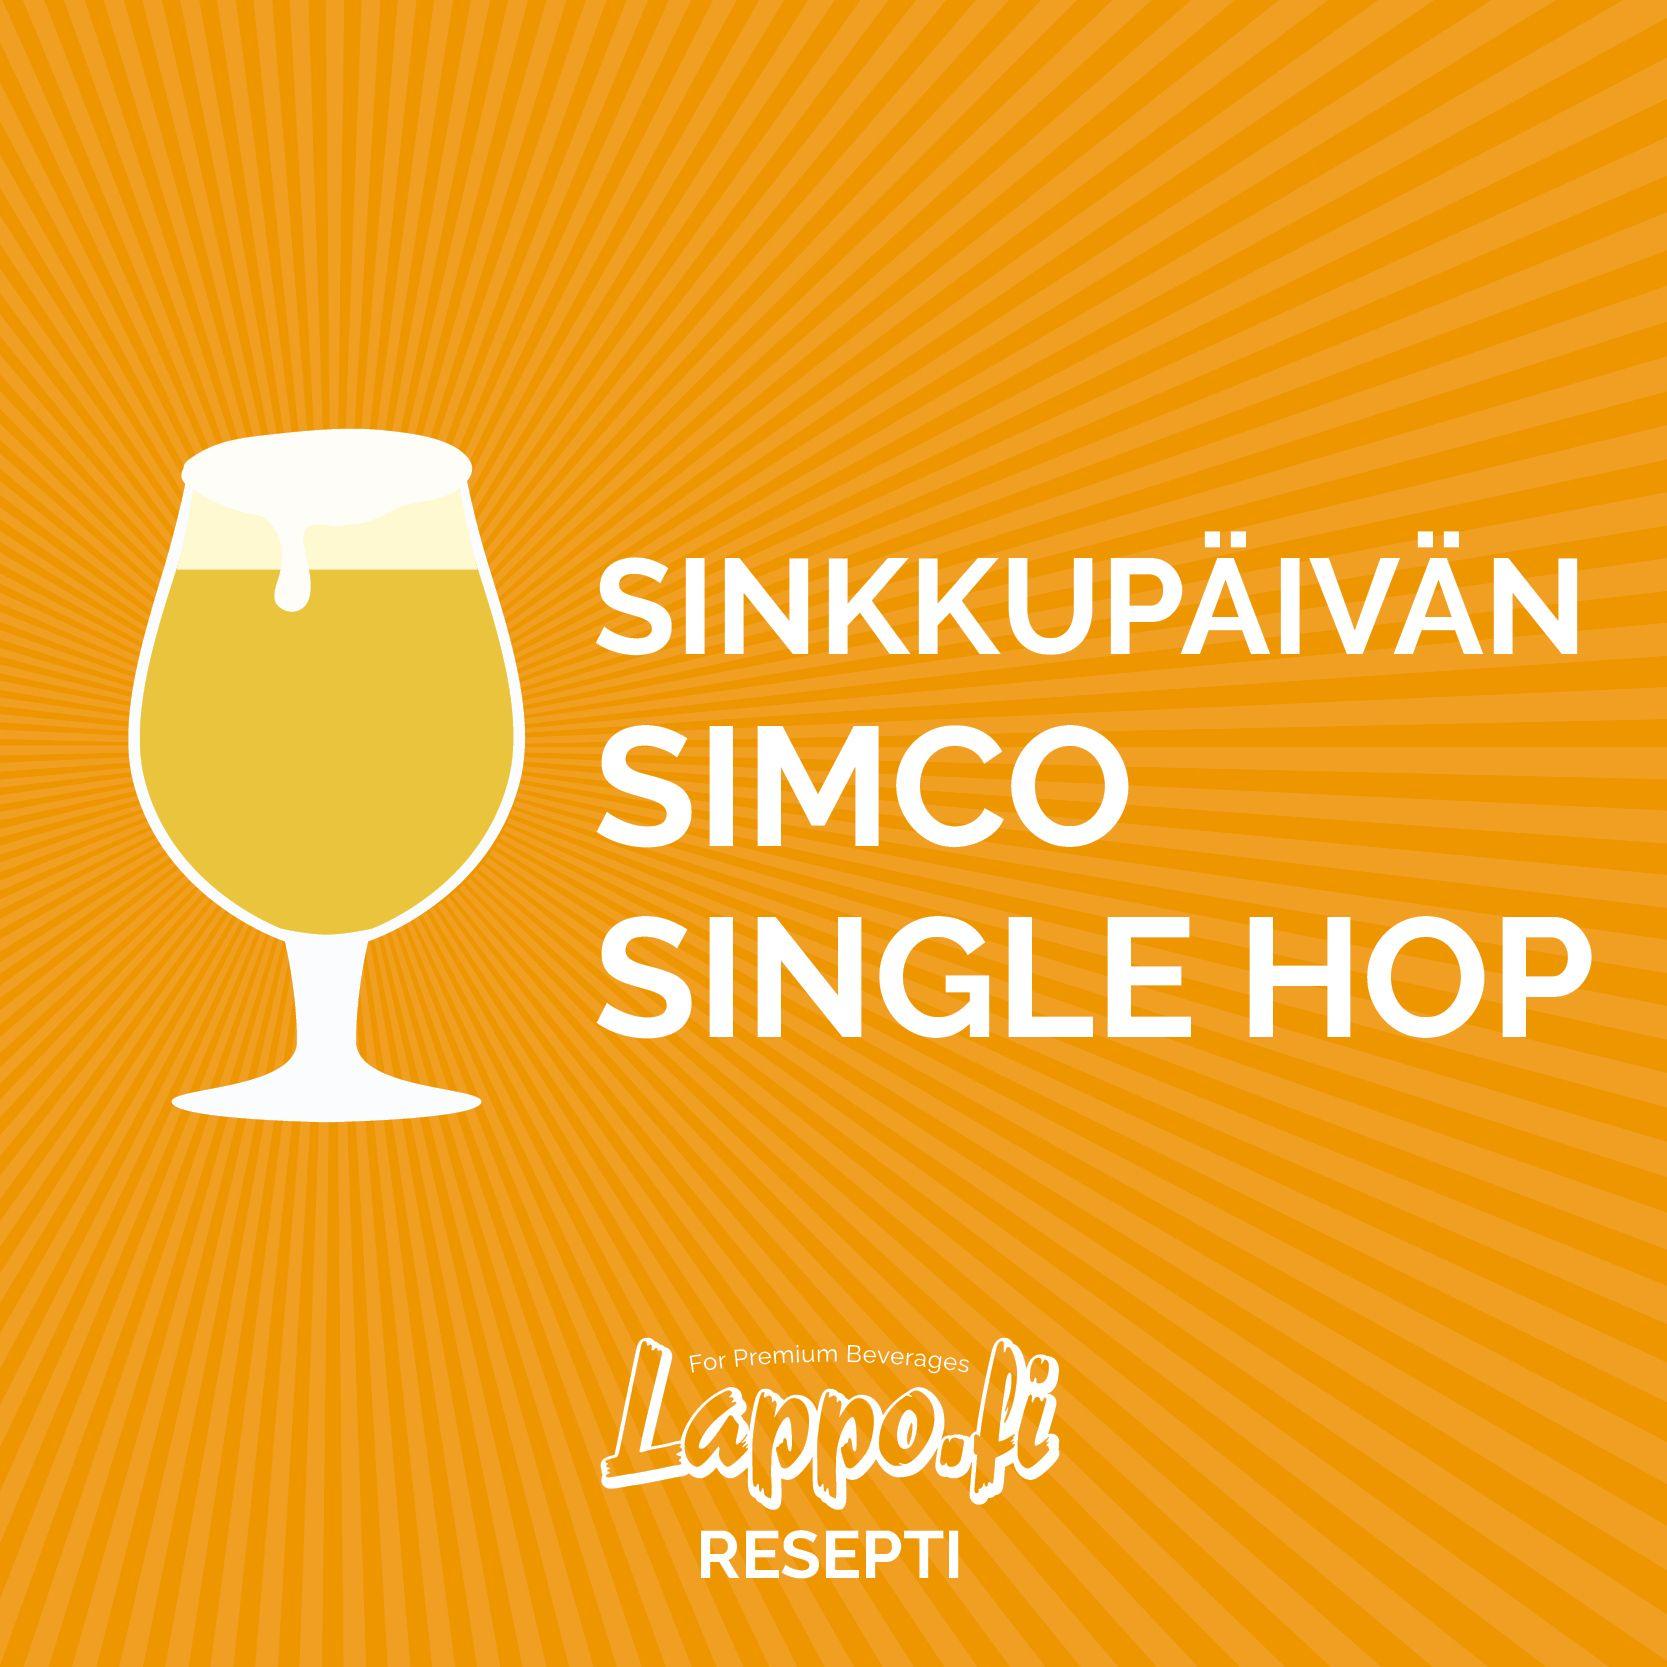 Sinkkupäivän Simco Single Hop